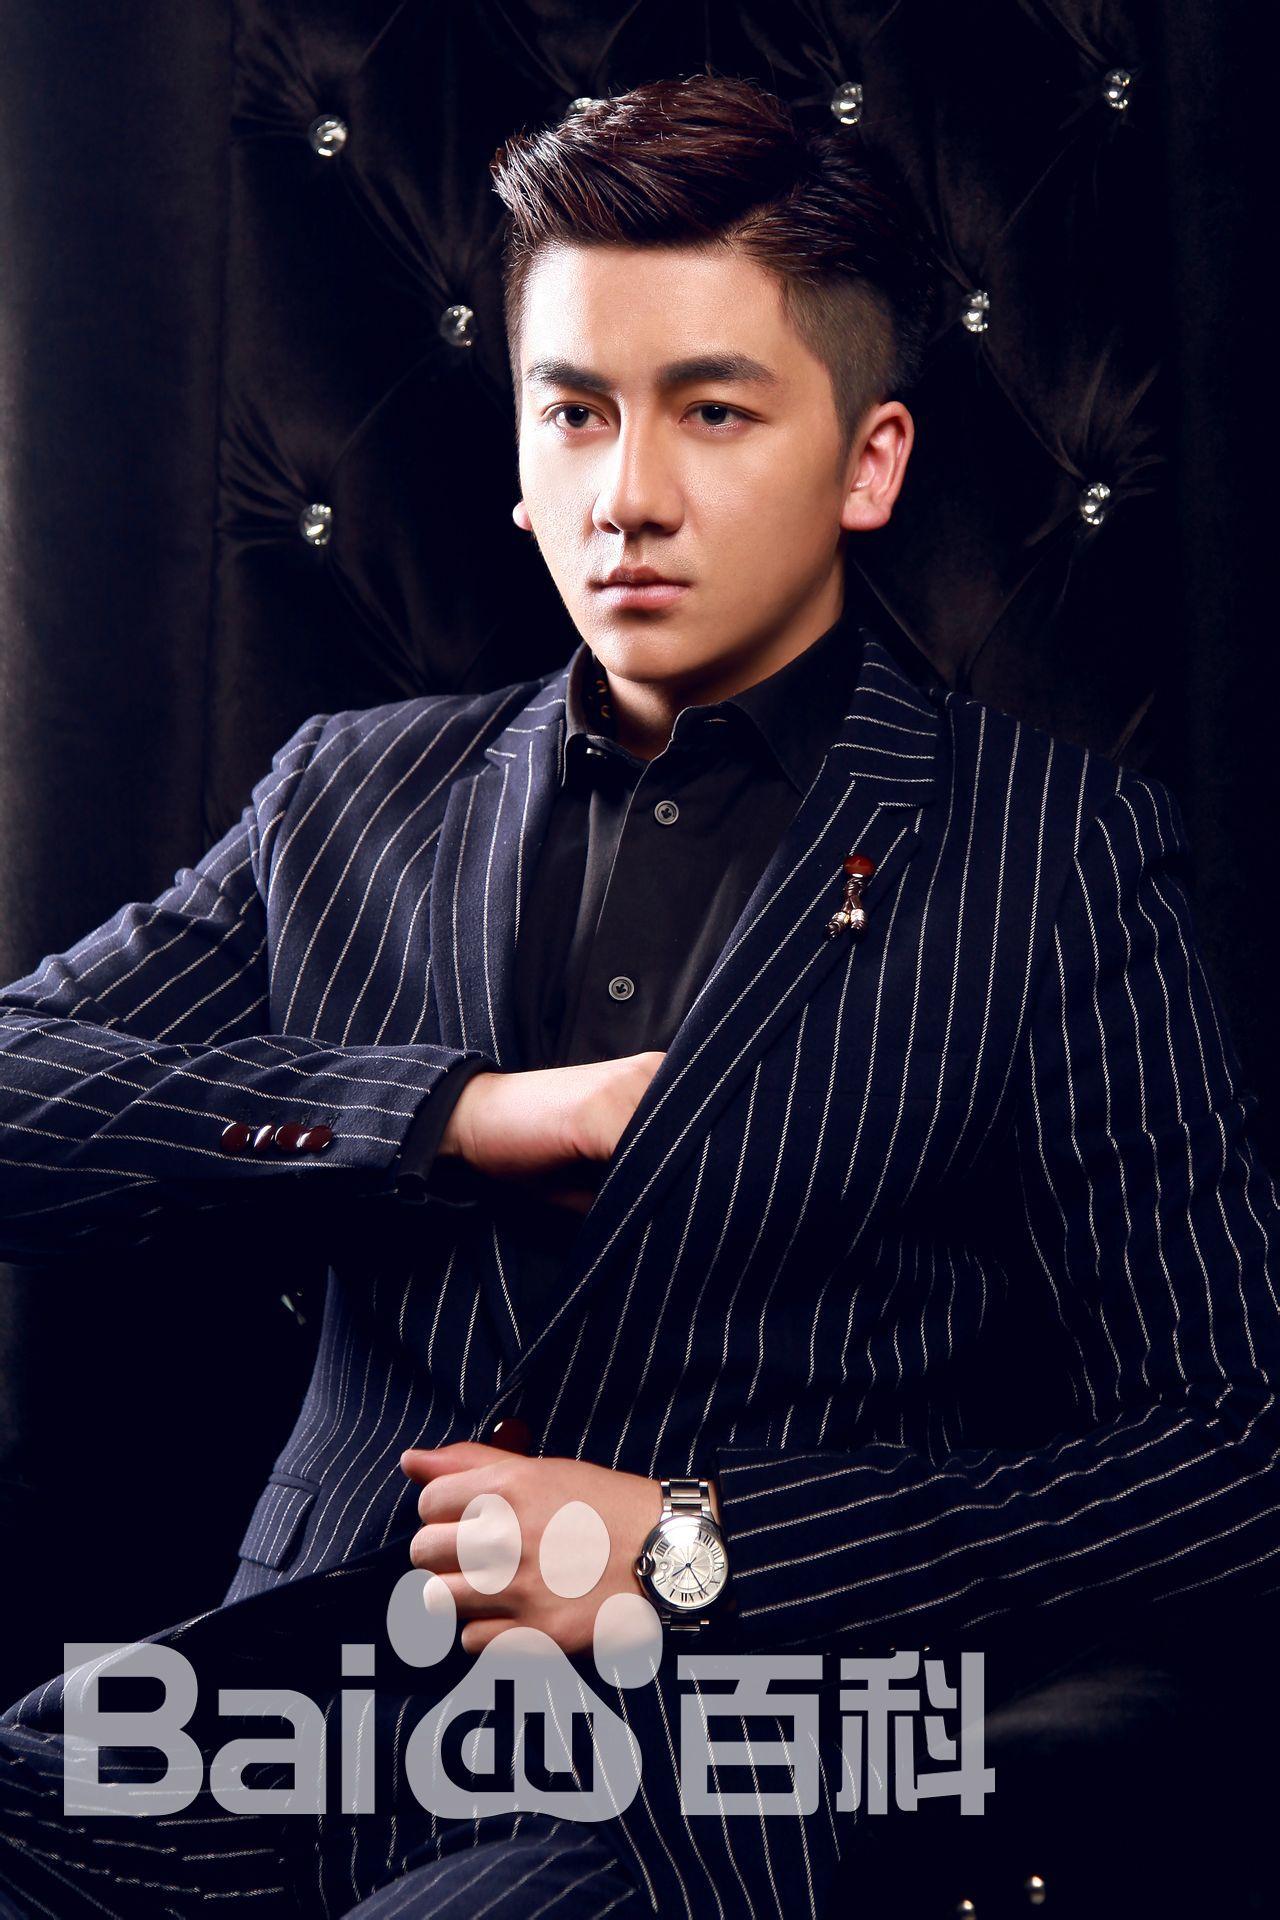 康磊,1987年1月9日出生于青海省西宁市,中国内地男演员,毕业于湖南